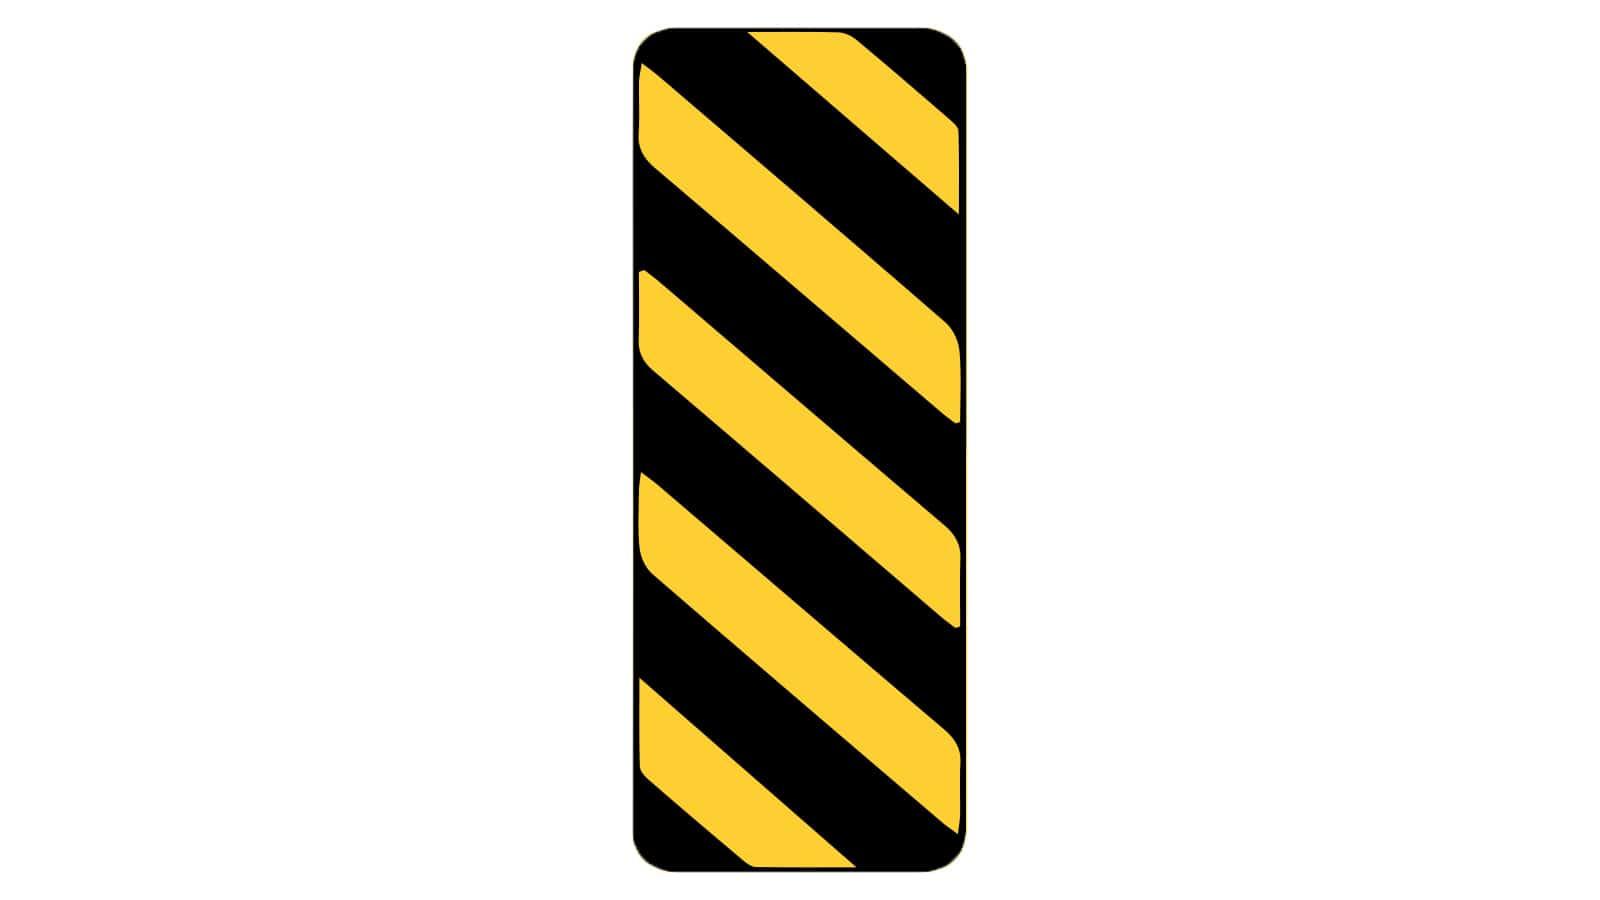 Warning sign Hazard Marker